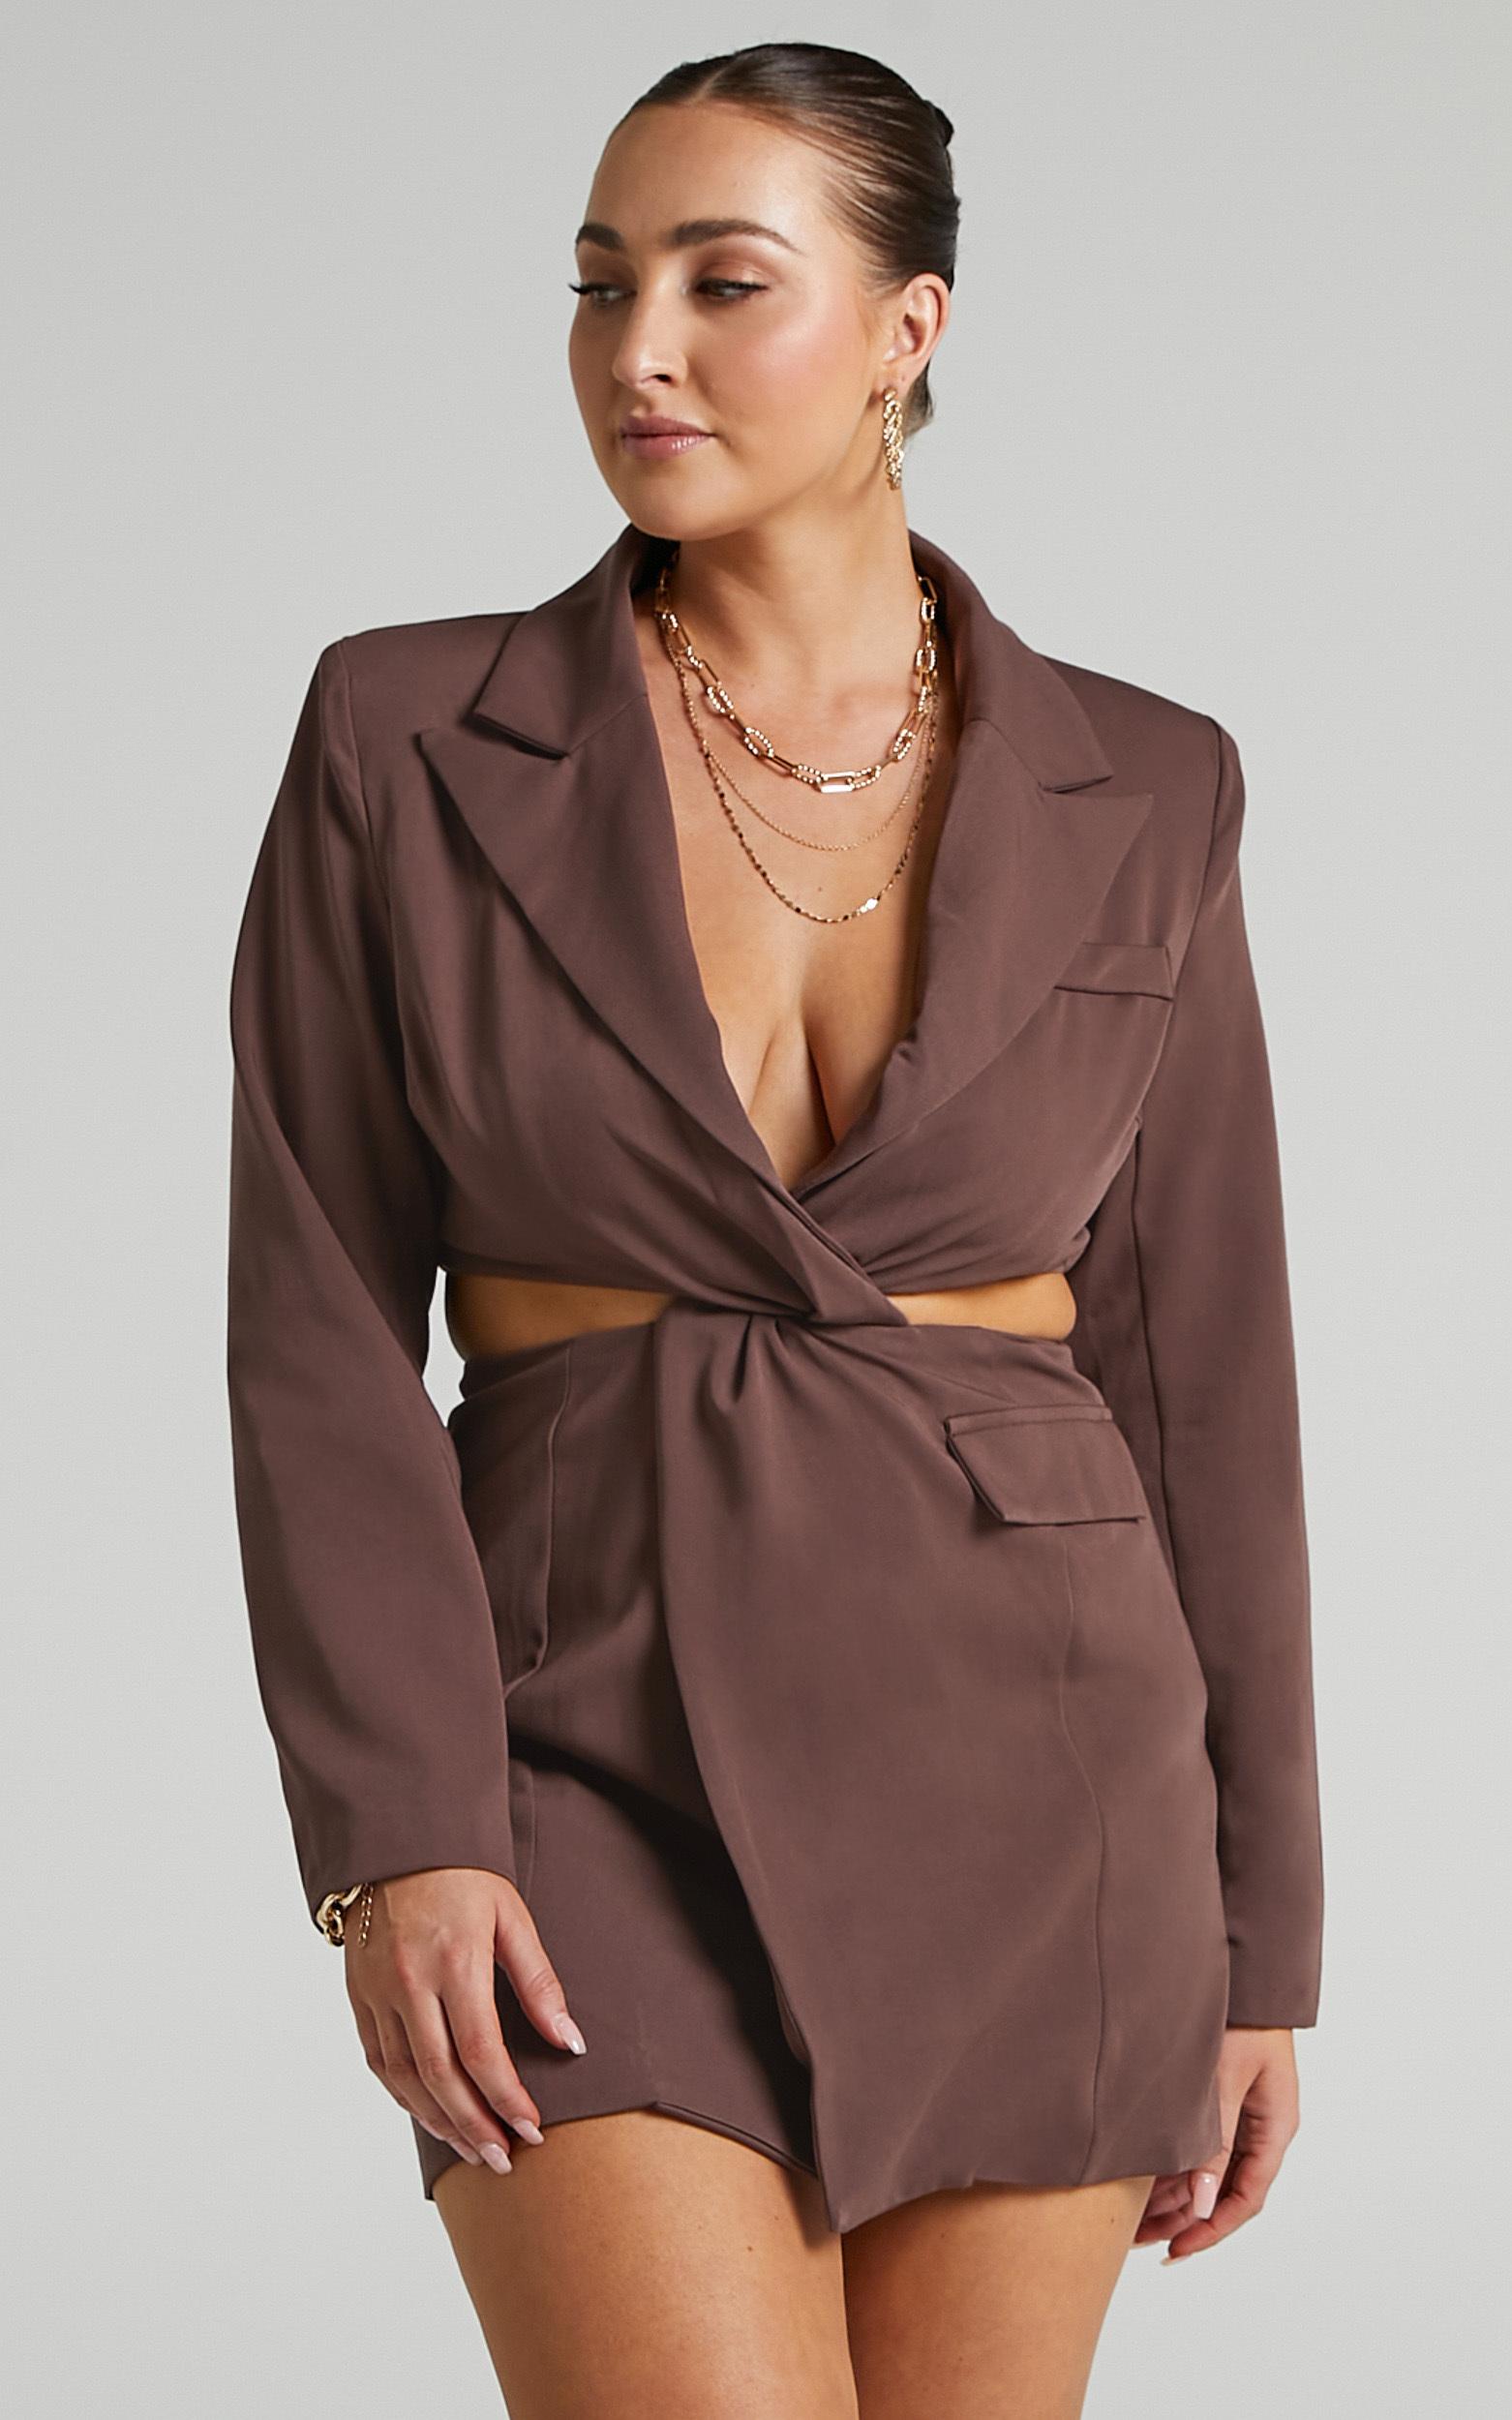 AMINA BLAZER DRESS IN CHOCOLATE $79.95